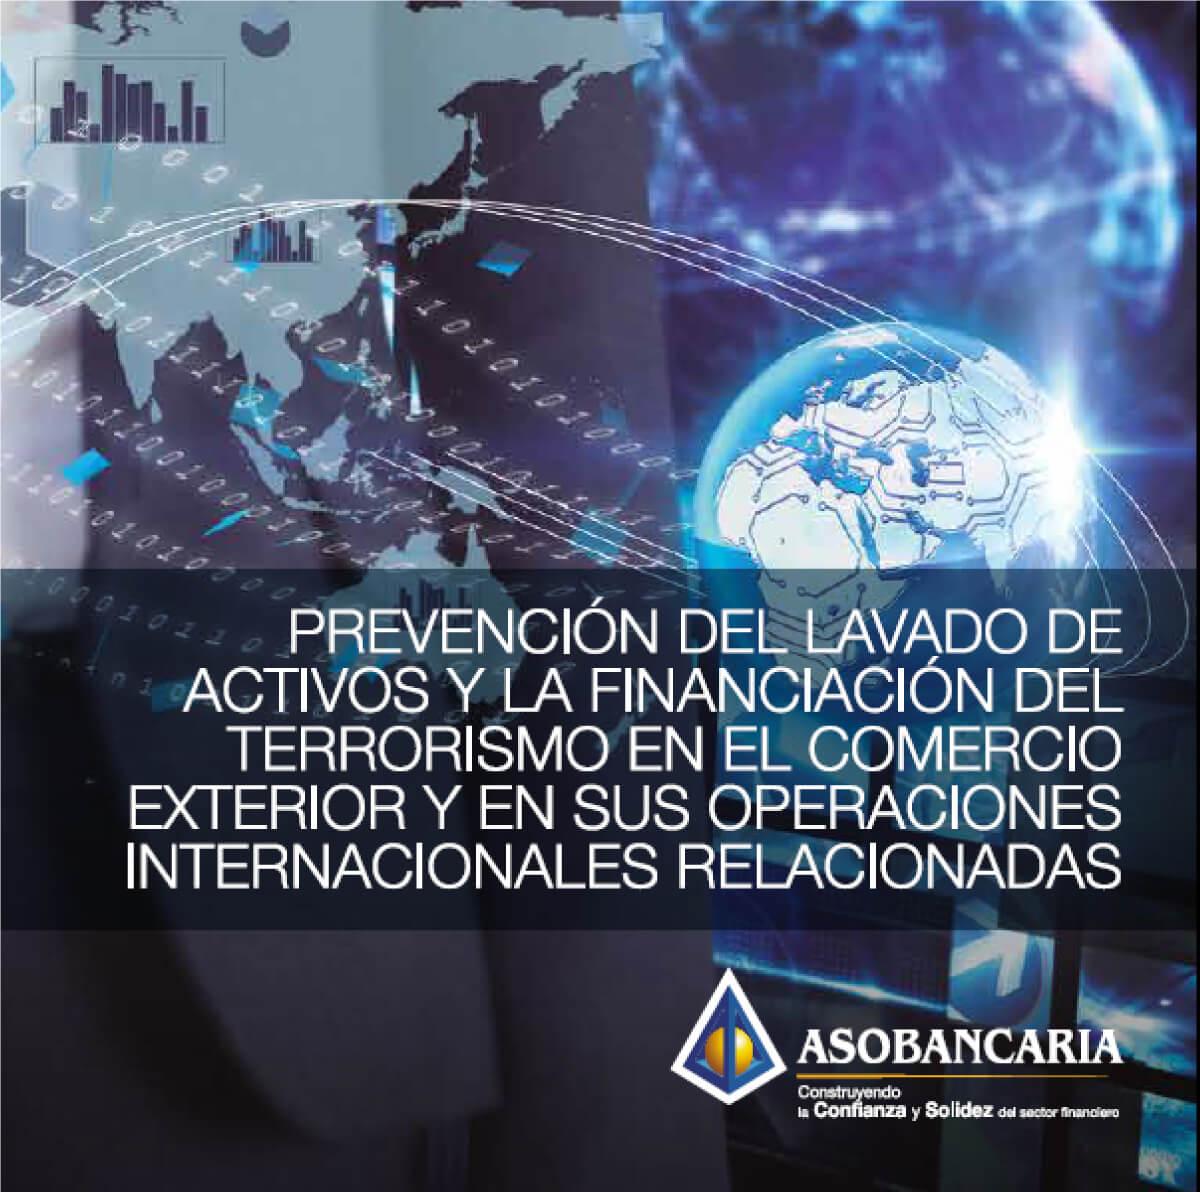 PREVENCIÓN DEL LAVADO DE ACTIVOS Y LA FINANCIACIÓN DEL TERRORISMO EN EL COMERCIO EXTERIOR Y EN SUS OPERACIONES INTERNACIONALES RELACIONADAS